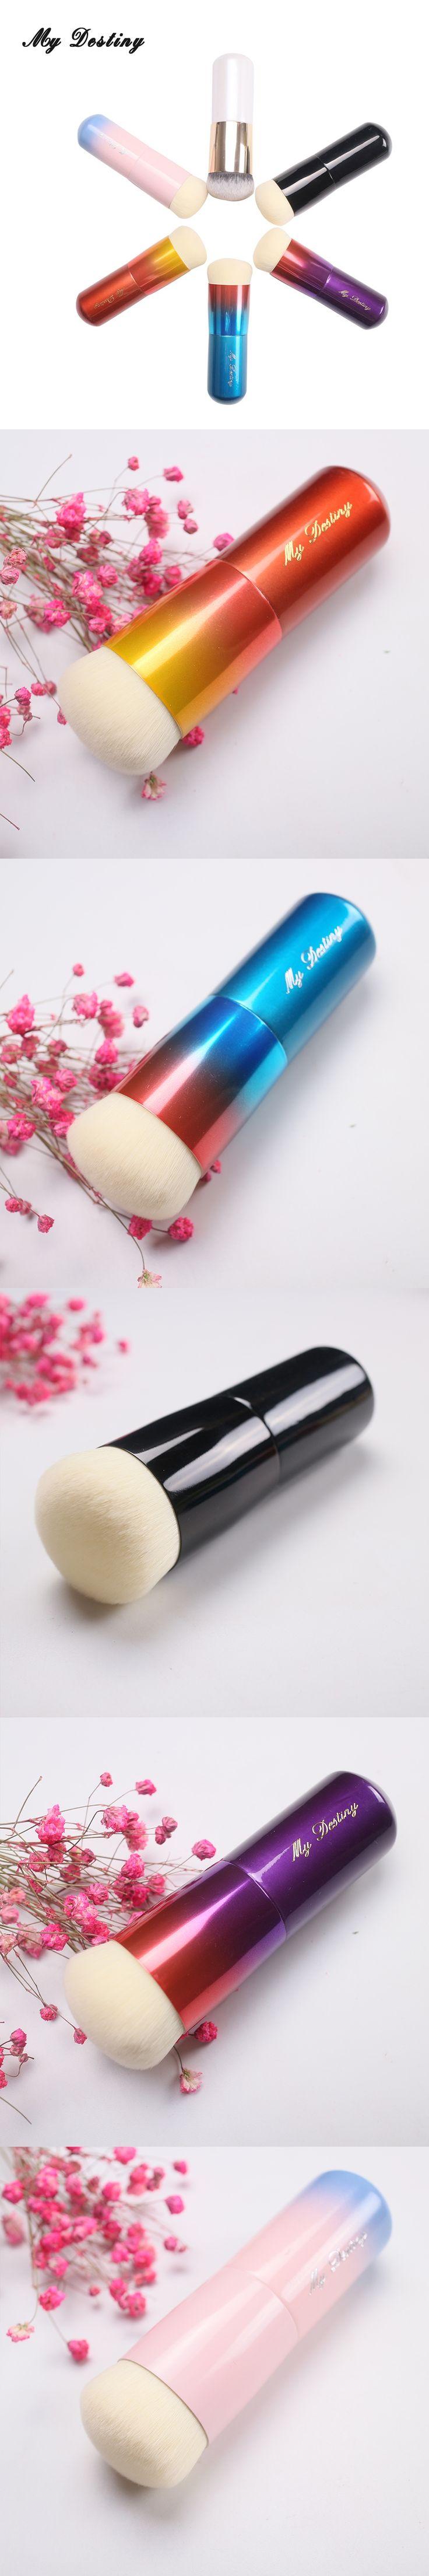 MY DESTINY Colorful Rainbow Kabuki Foundation Brush Make Up Makeup Brushes Kwasten Base Pincel Maquiagem Brochas Maquillaje